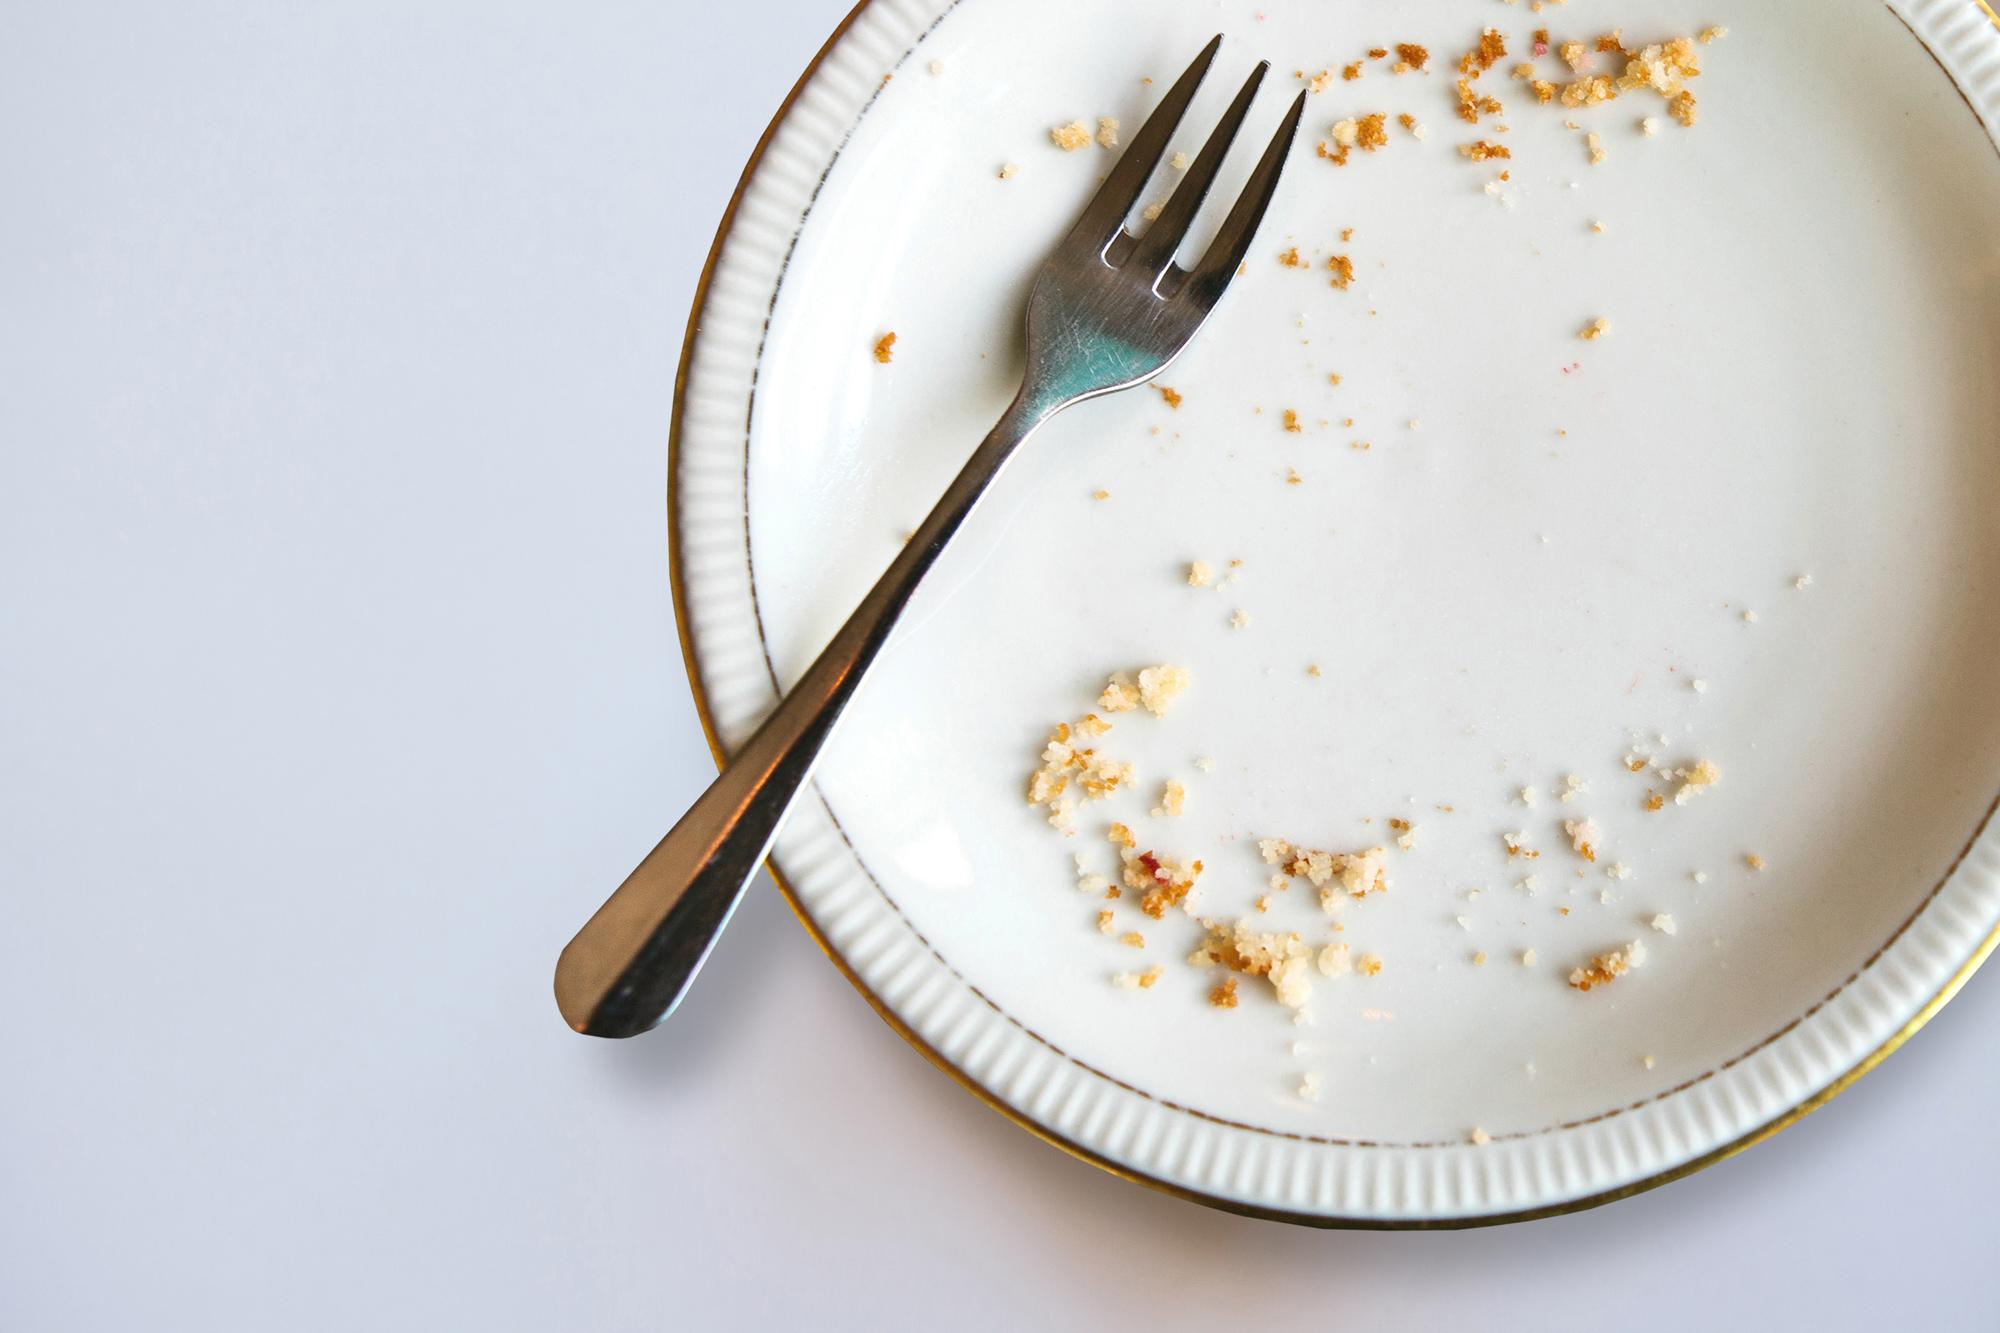 食べ残しのあるお皿